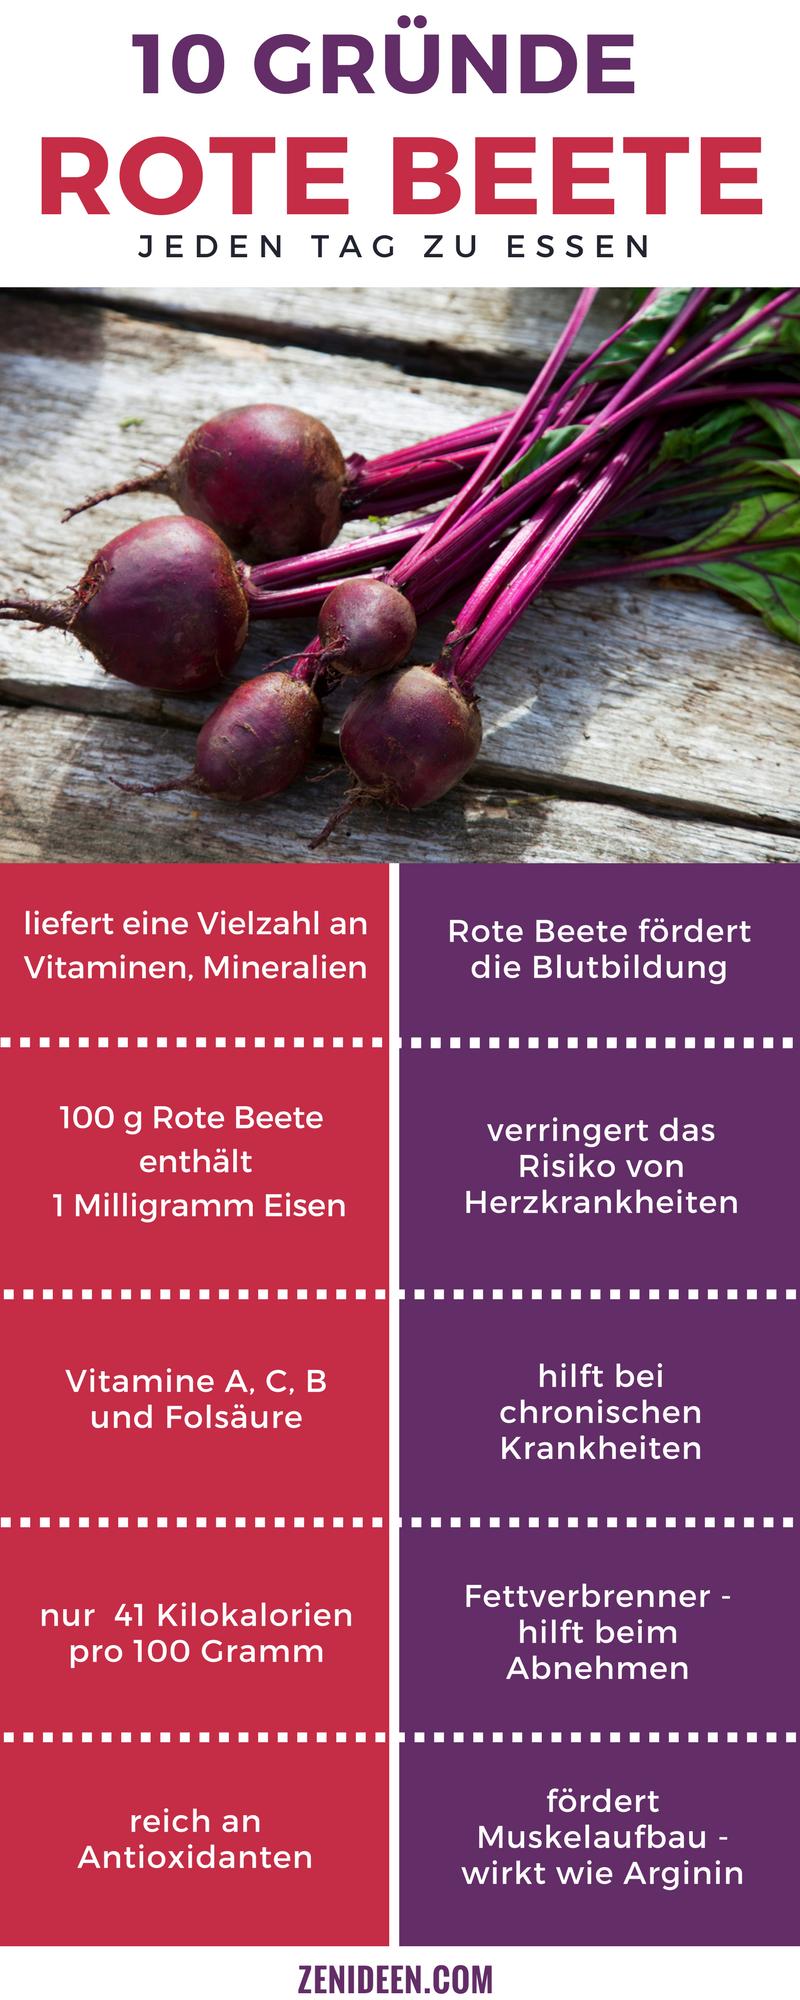 Infografik: Rote Beete gesund: 10 Gründe Rote Beete jeden Tag zu essen